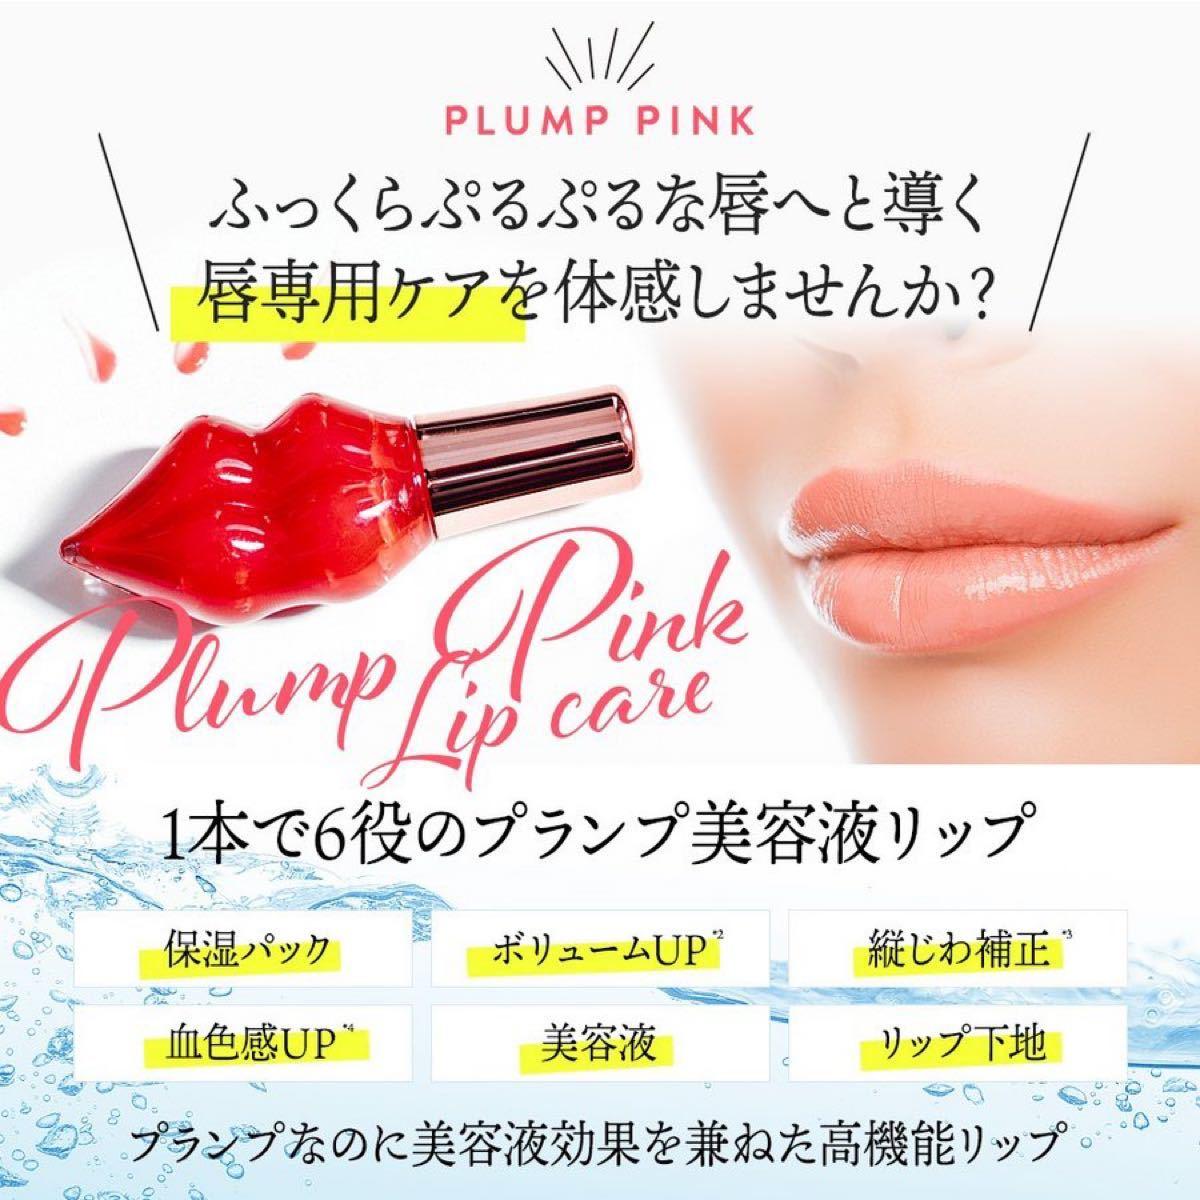 PLUMP PINK プランプピンク メルティリップセラム キス顔リップ リップグロス プランパー #106